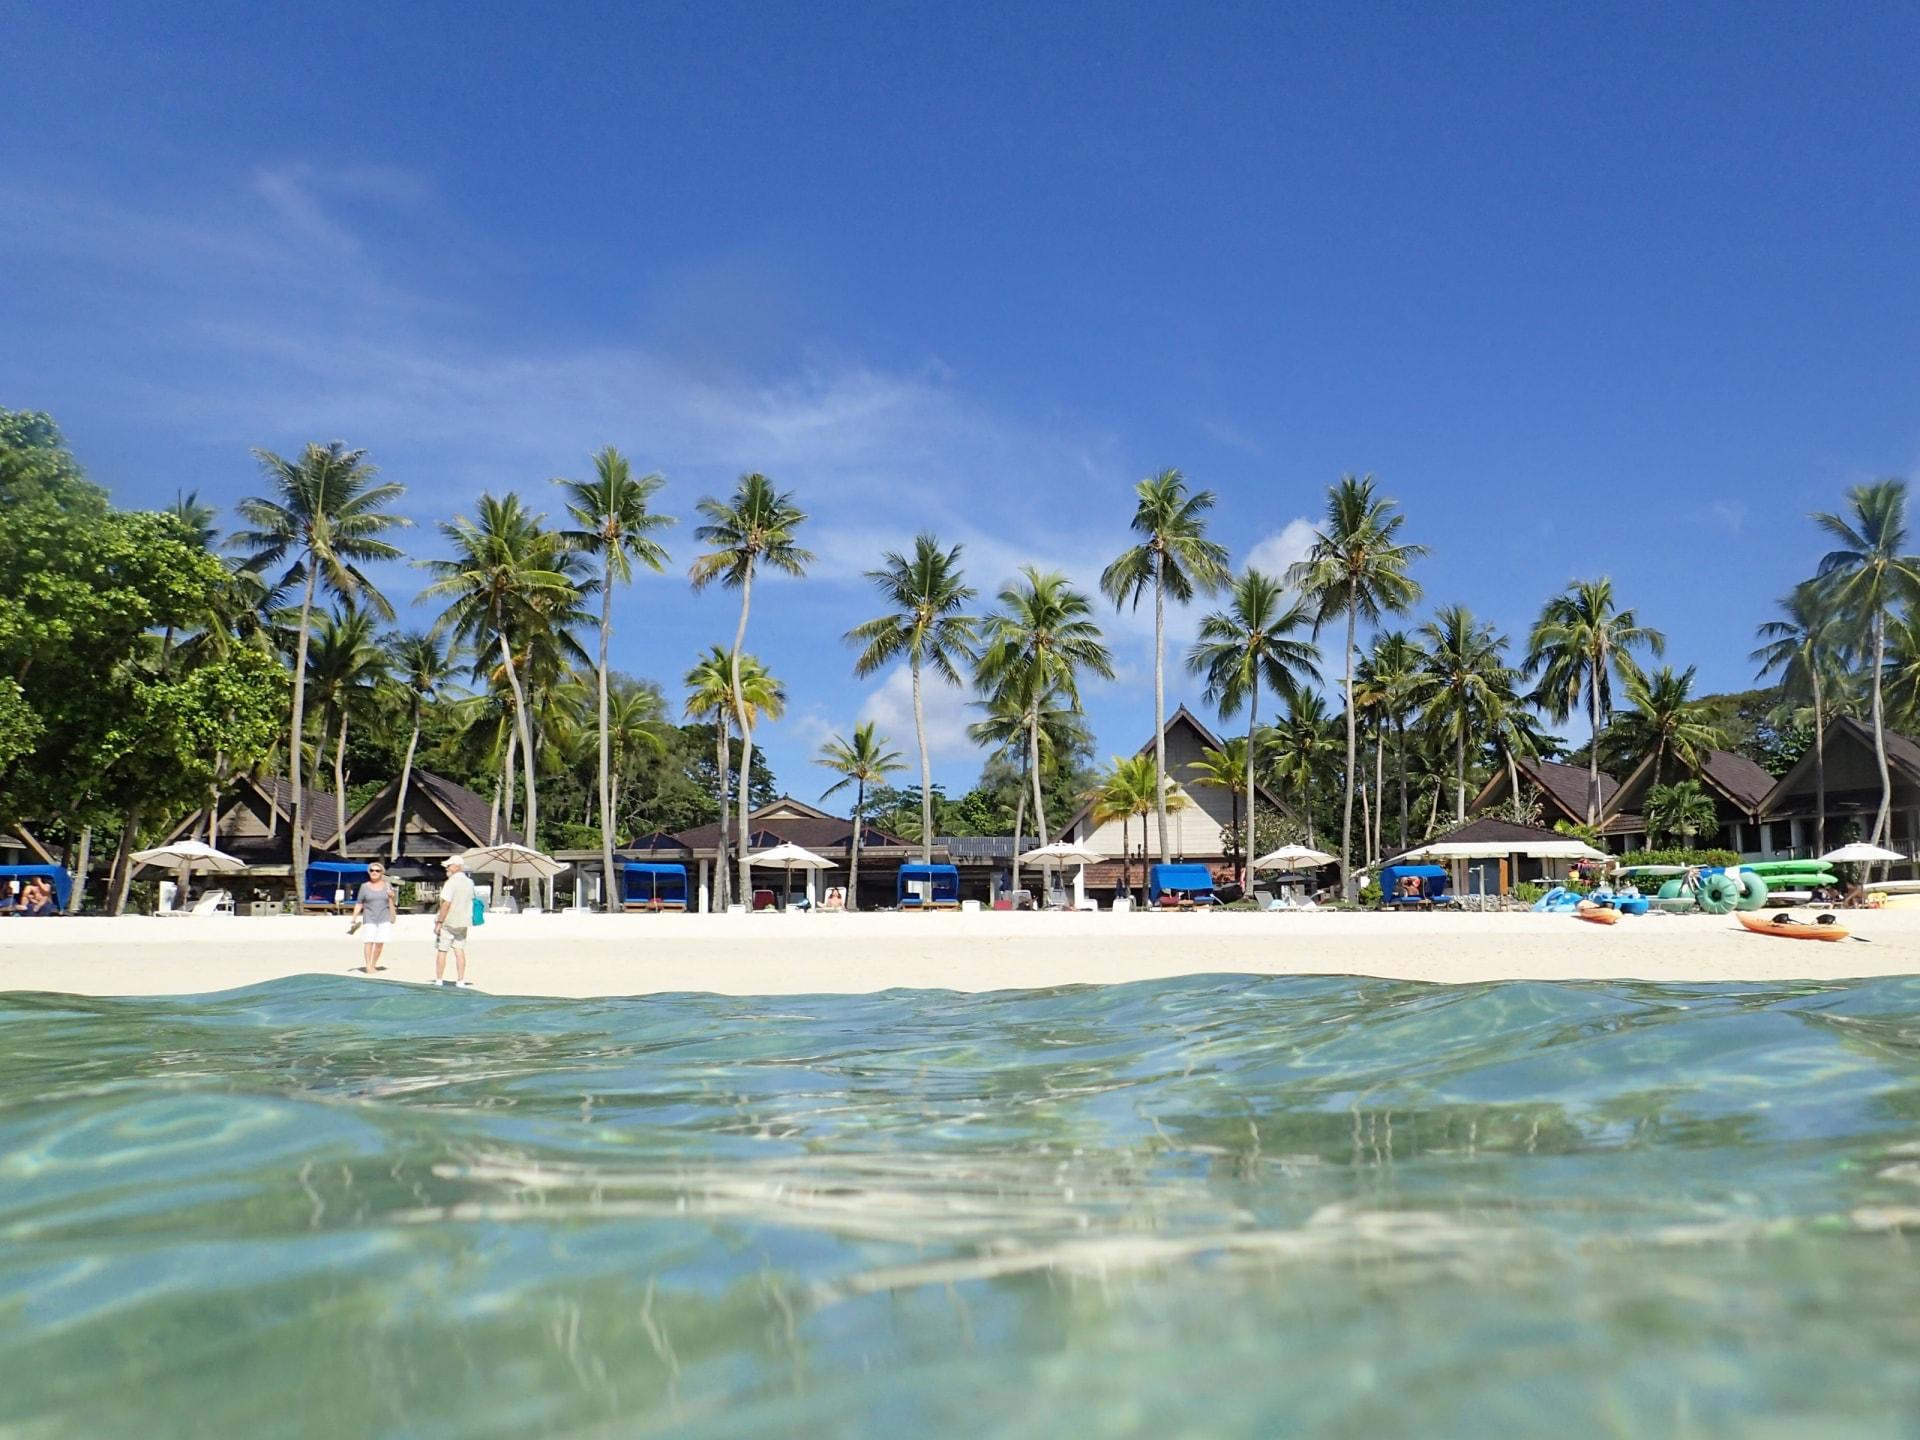 ミクロネシア連邦を観光!おすすめの諸島を紹介!気候や文化は?